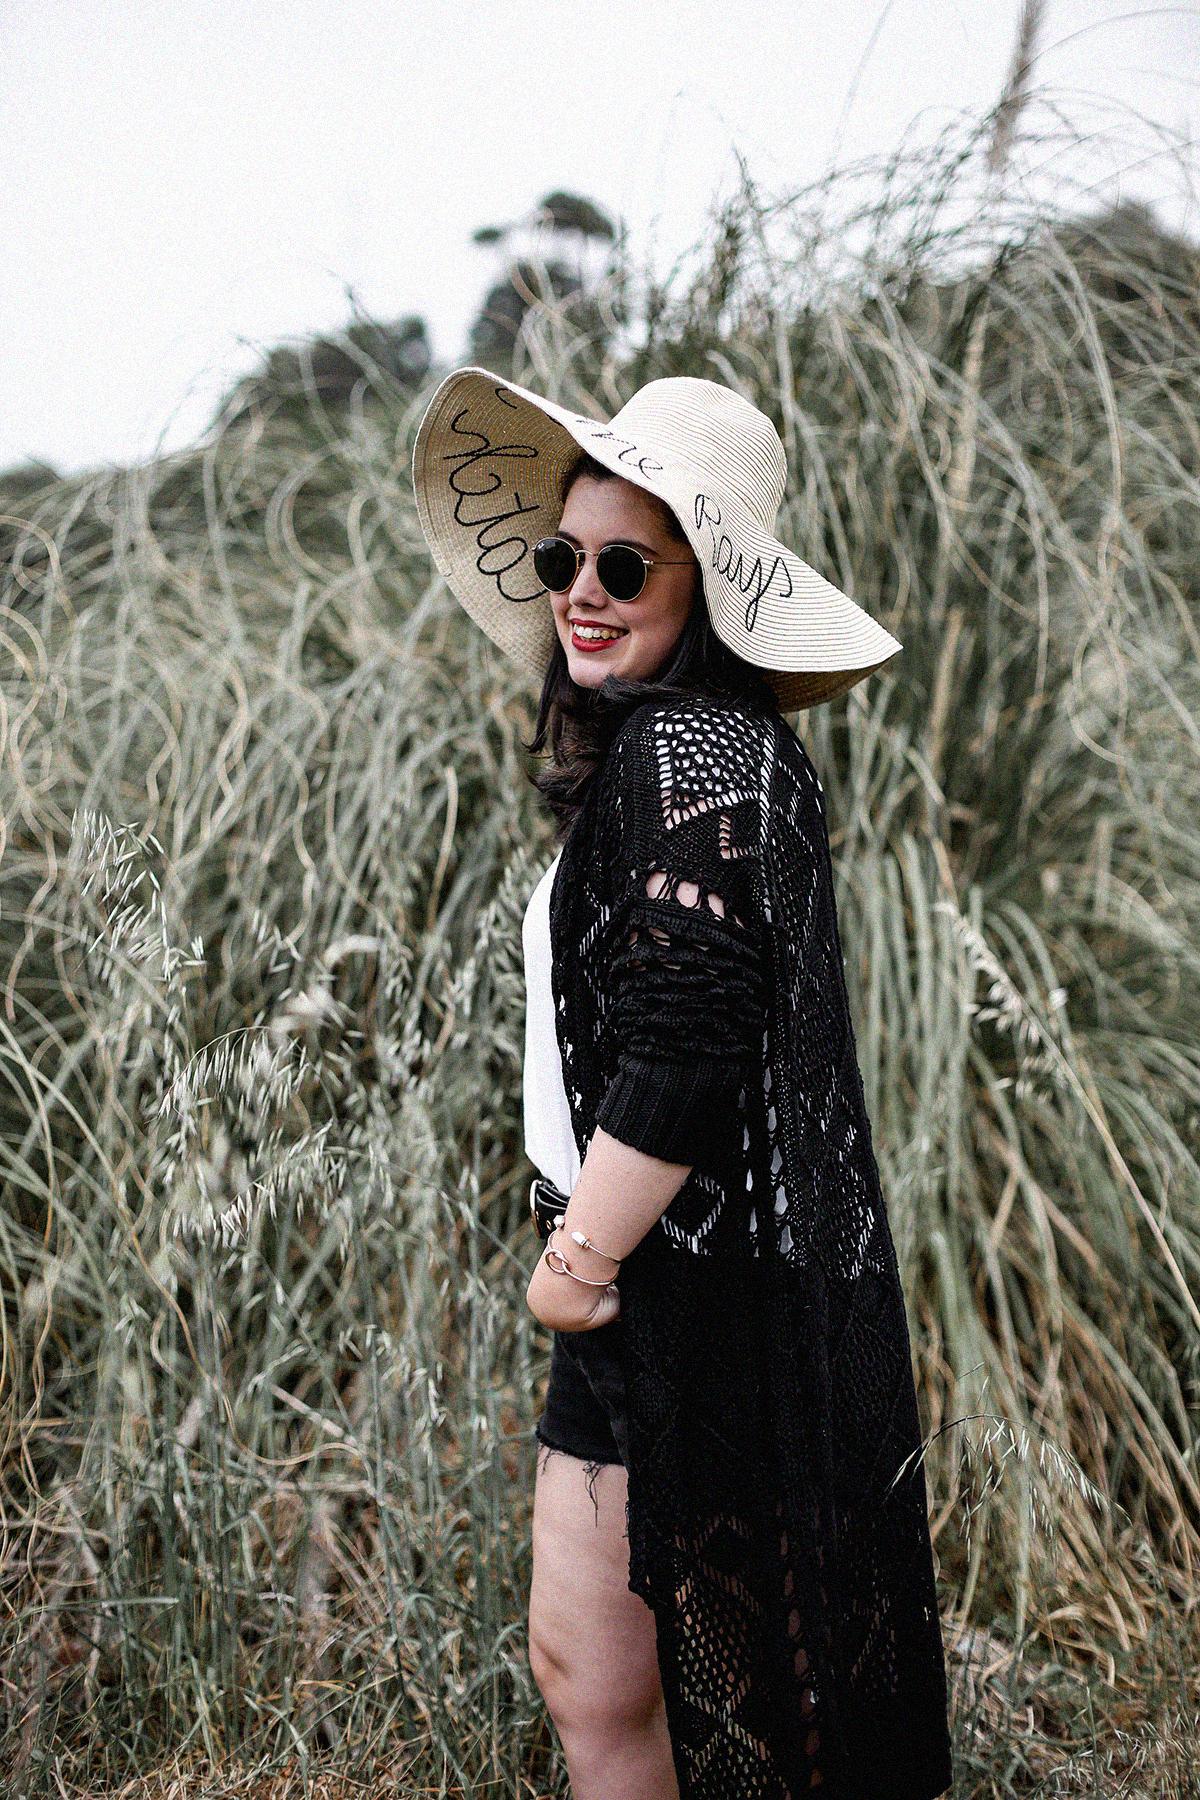 kimono-crochet-negro-levis-shorts-myblueberrynightsblog12